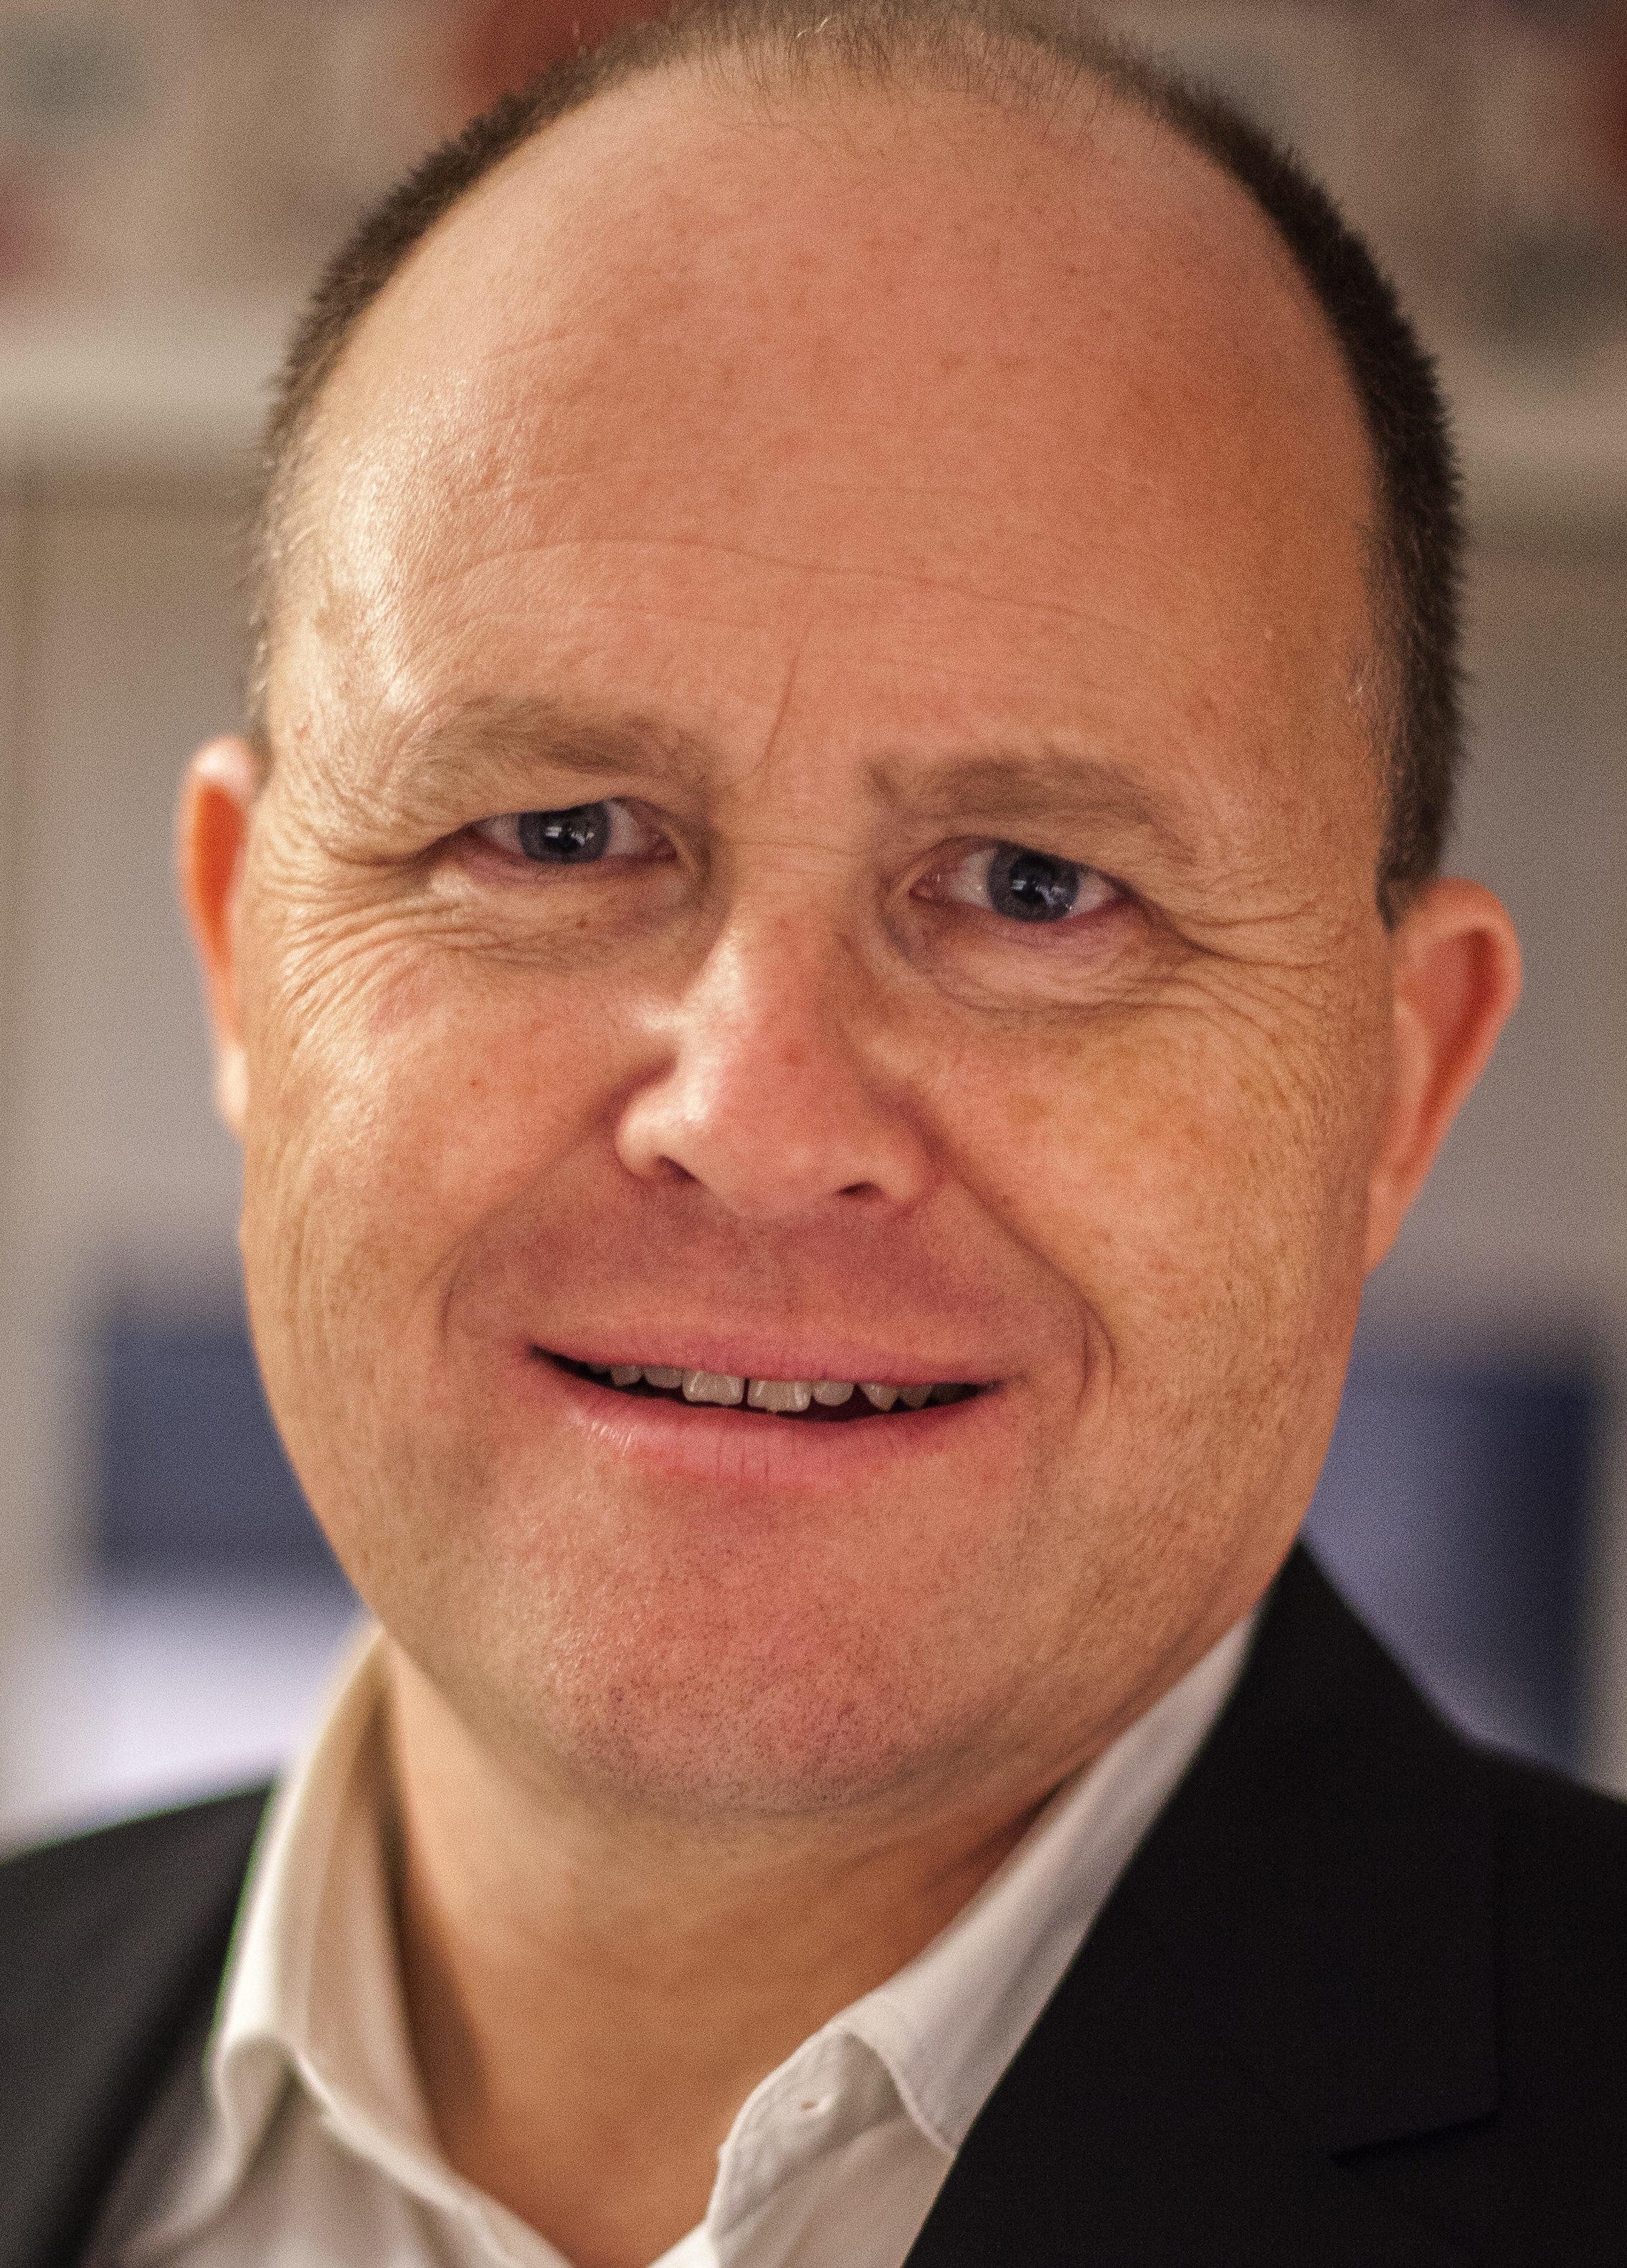 Mats-Jan Söderberg